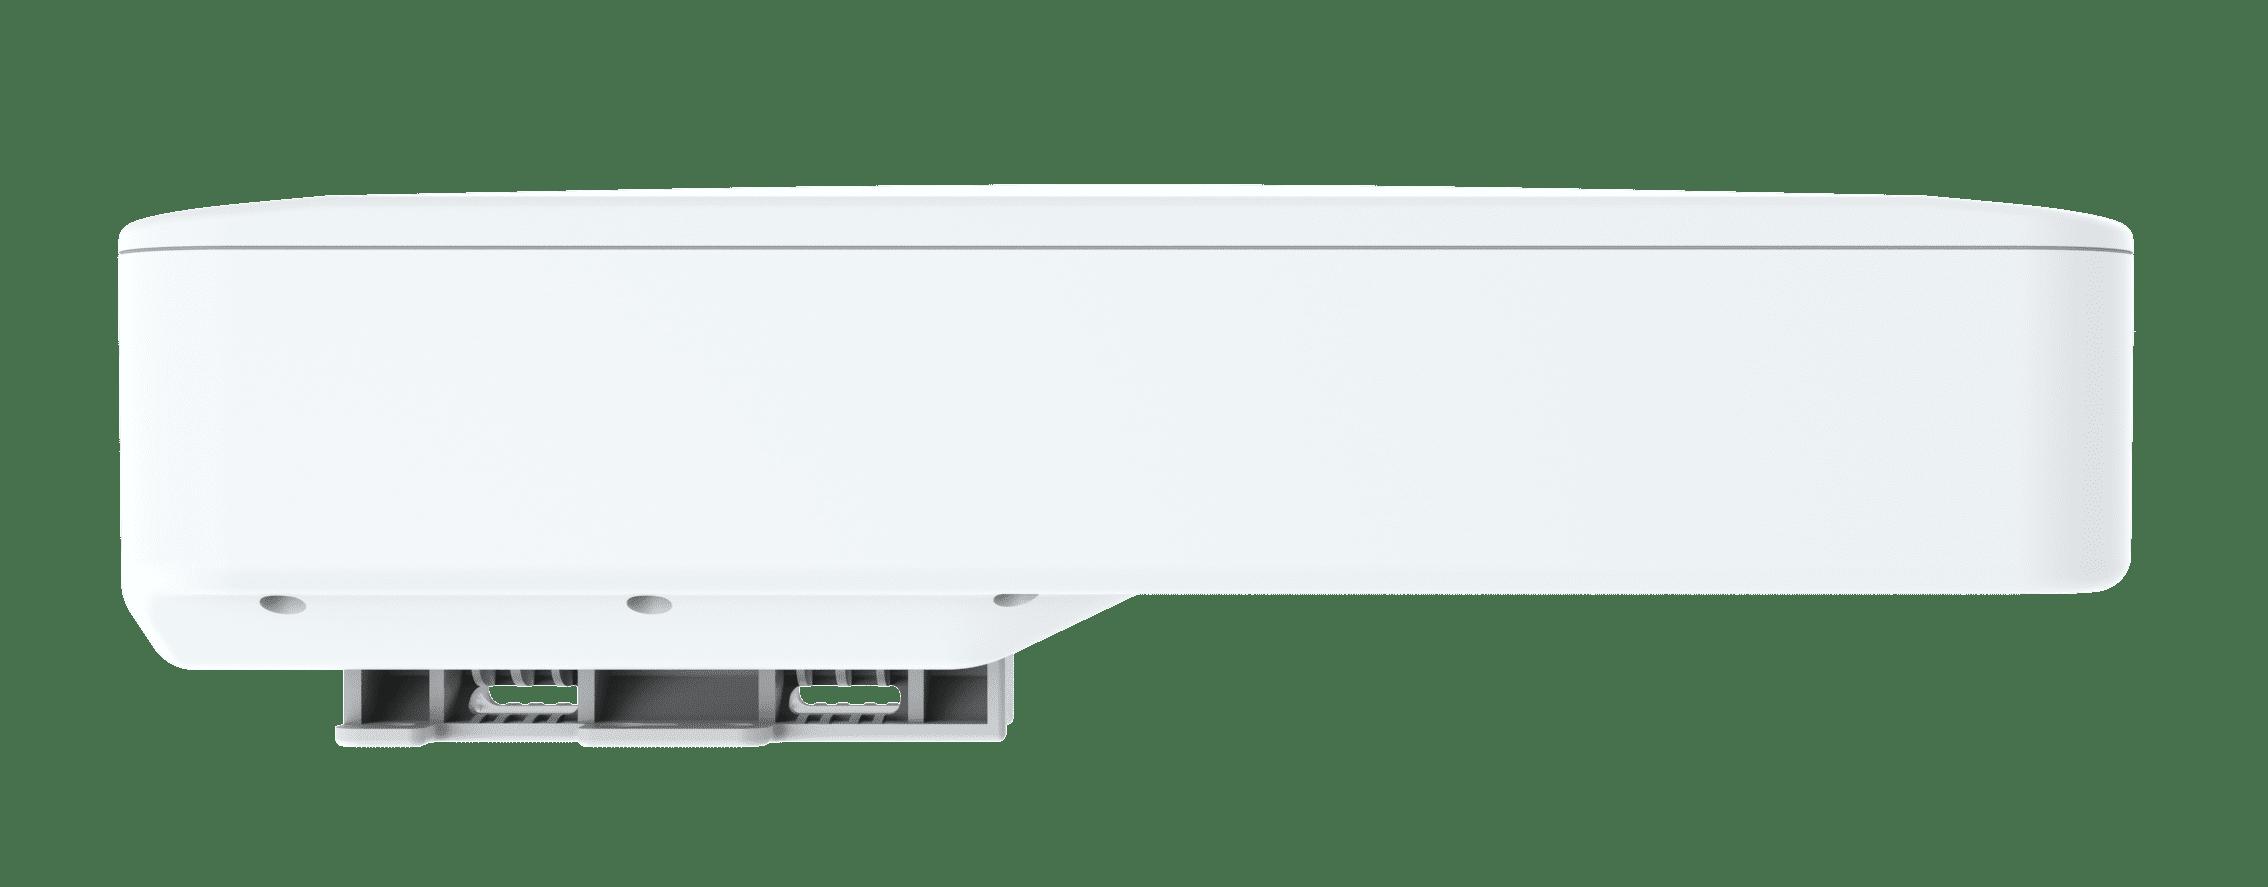 PC51O.868